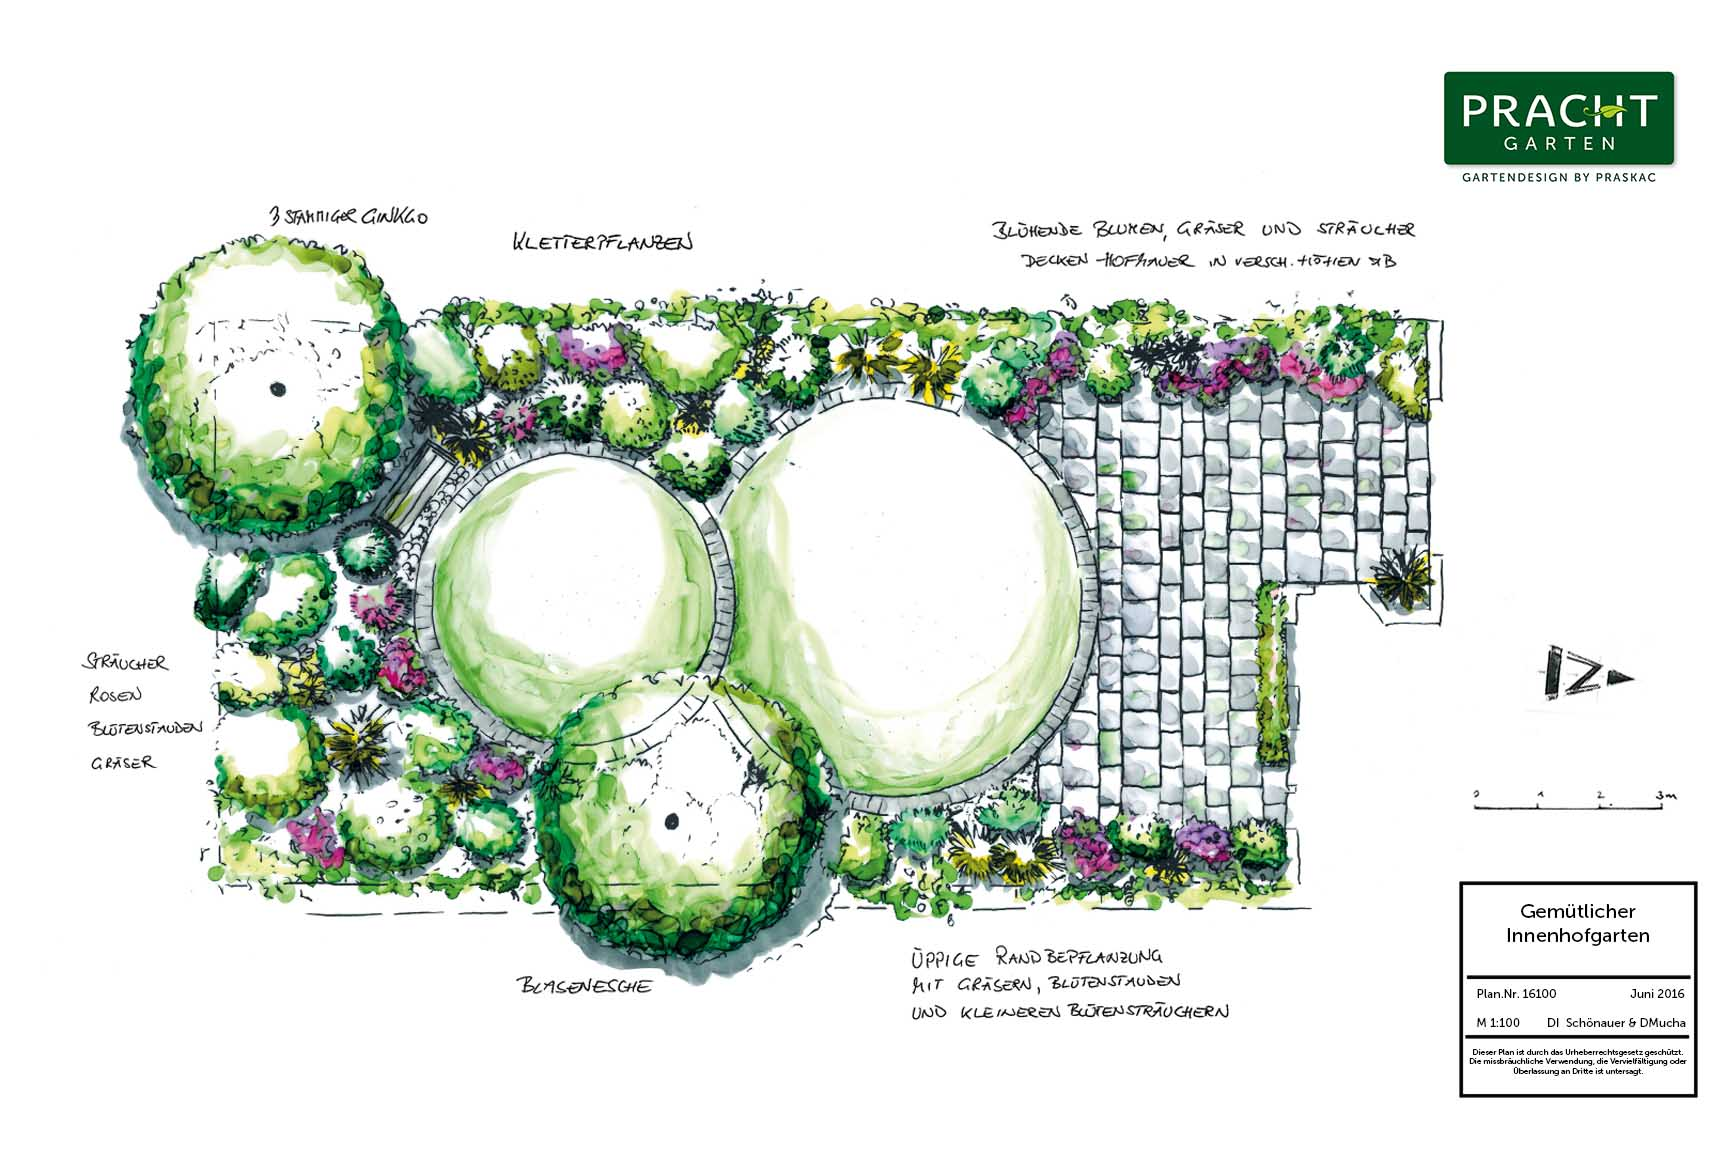 Auch ein Innenhofgarten kann gut geplant werden